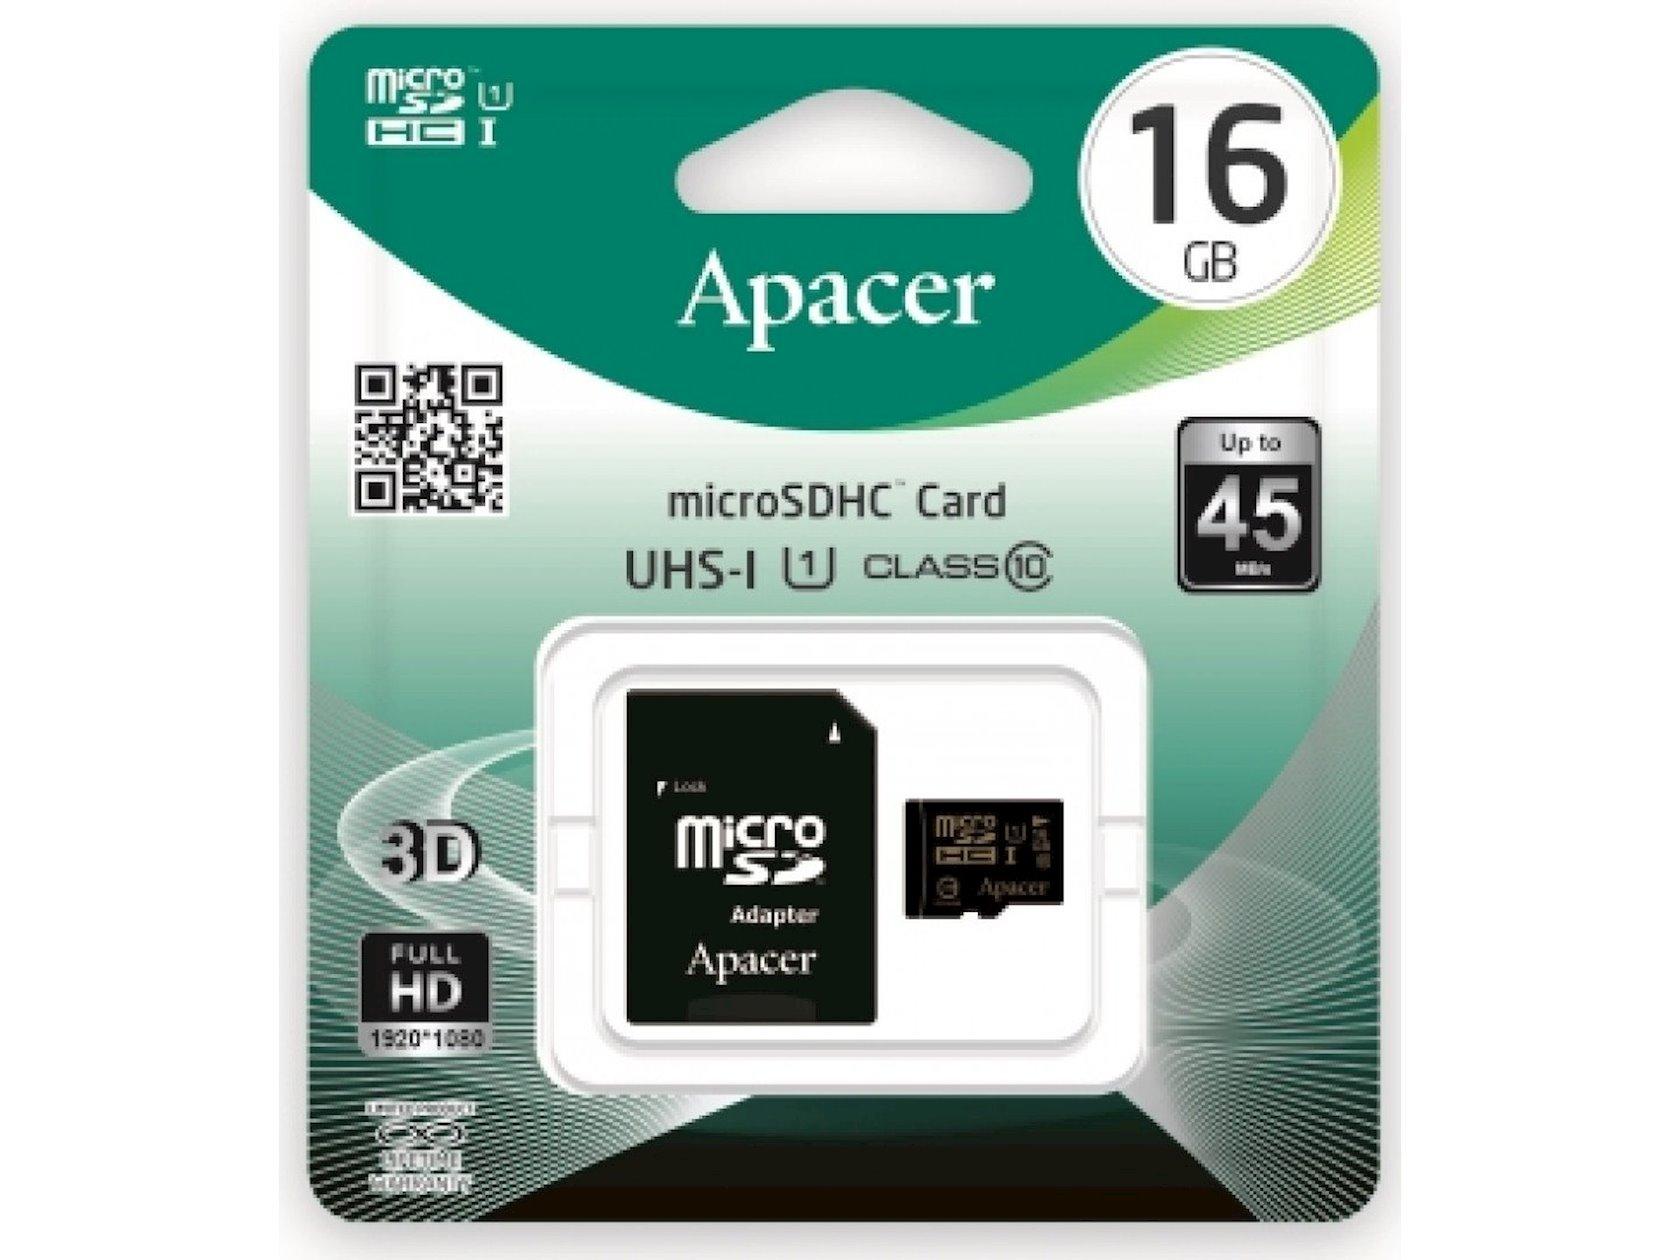 Yaddaş kartı Apacer microSDHC Class10 16GB